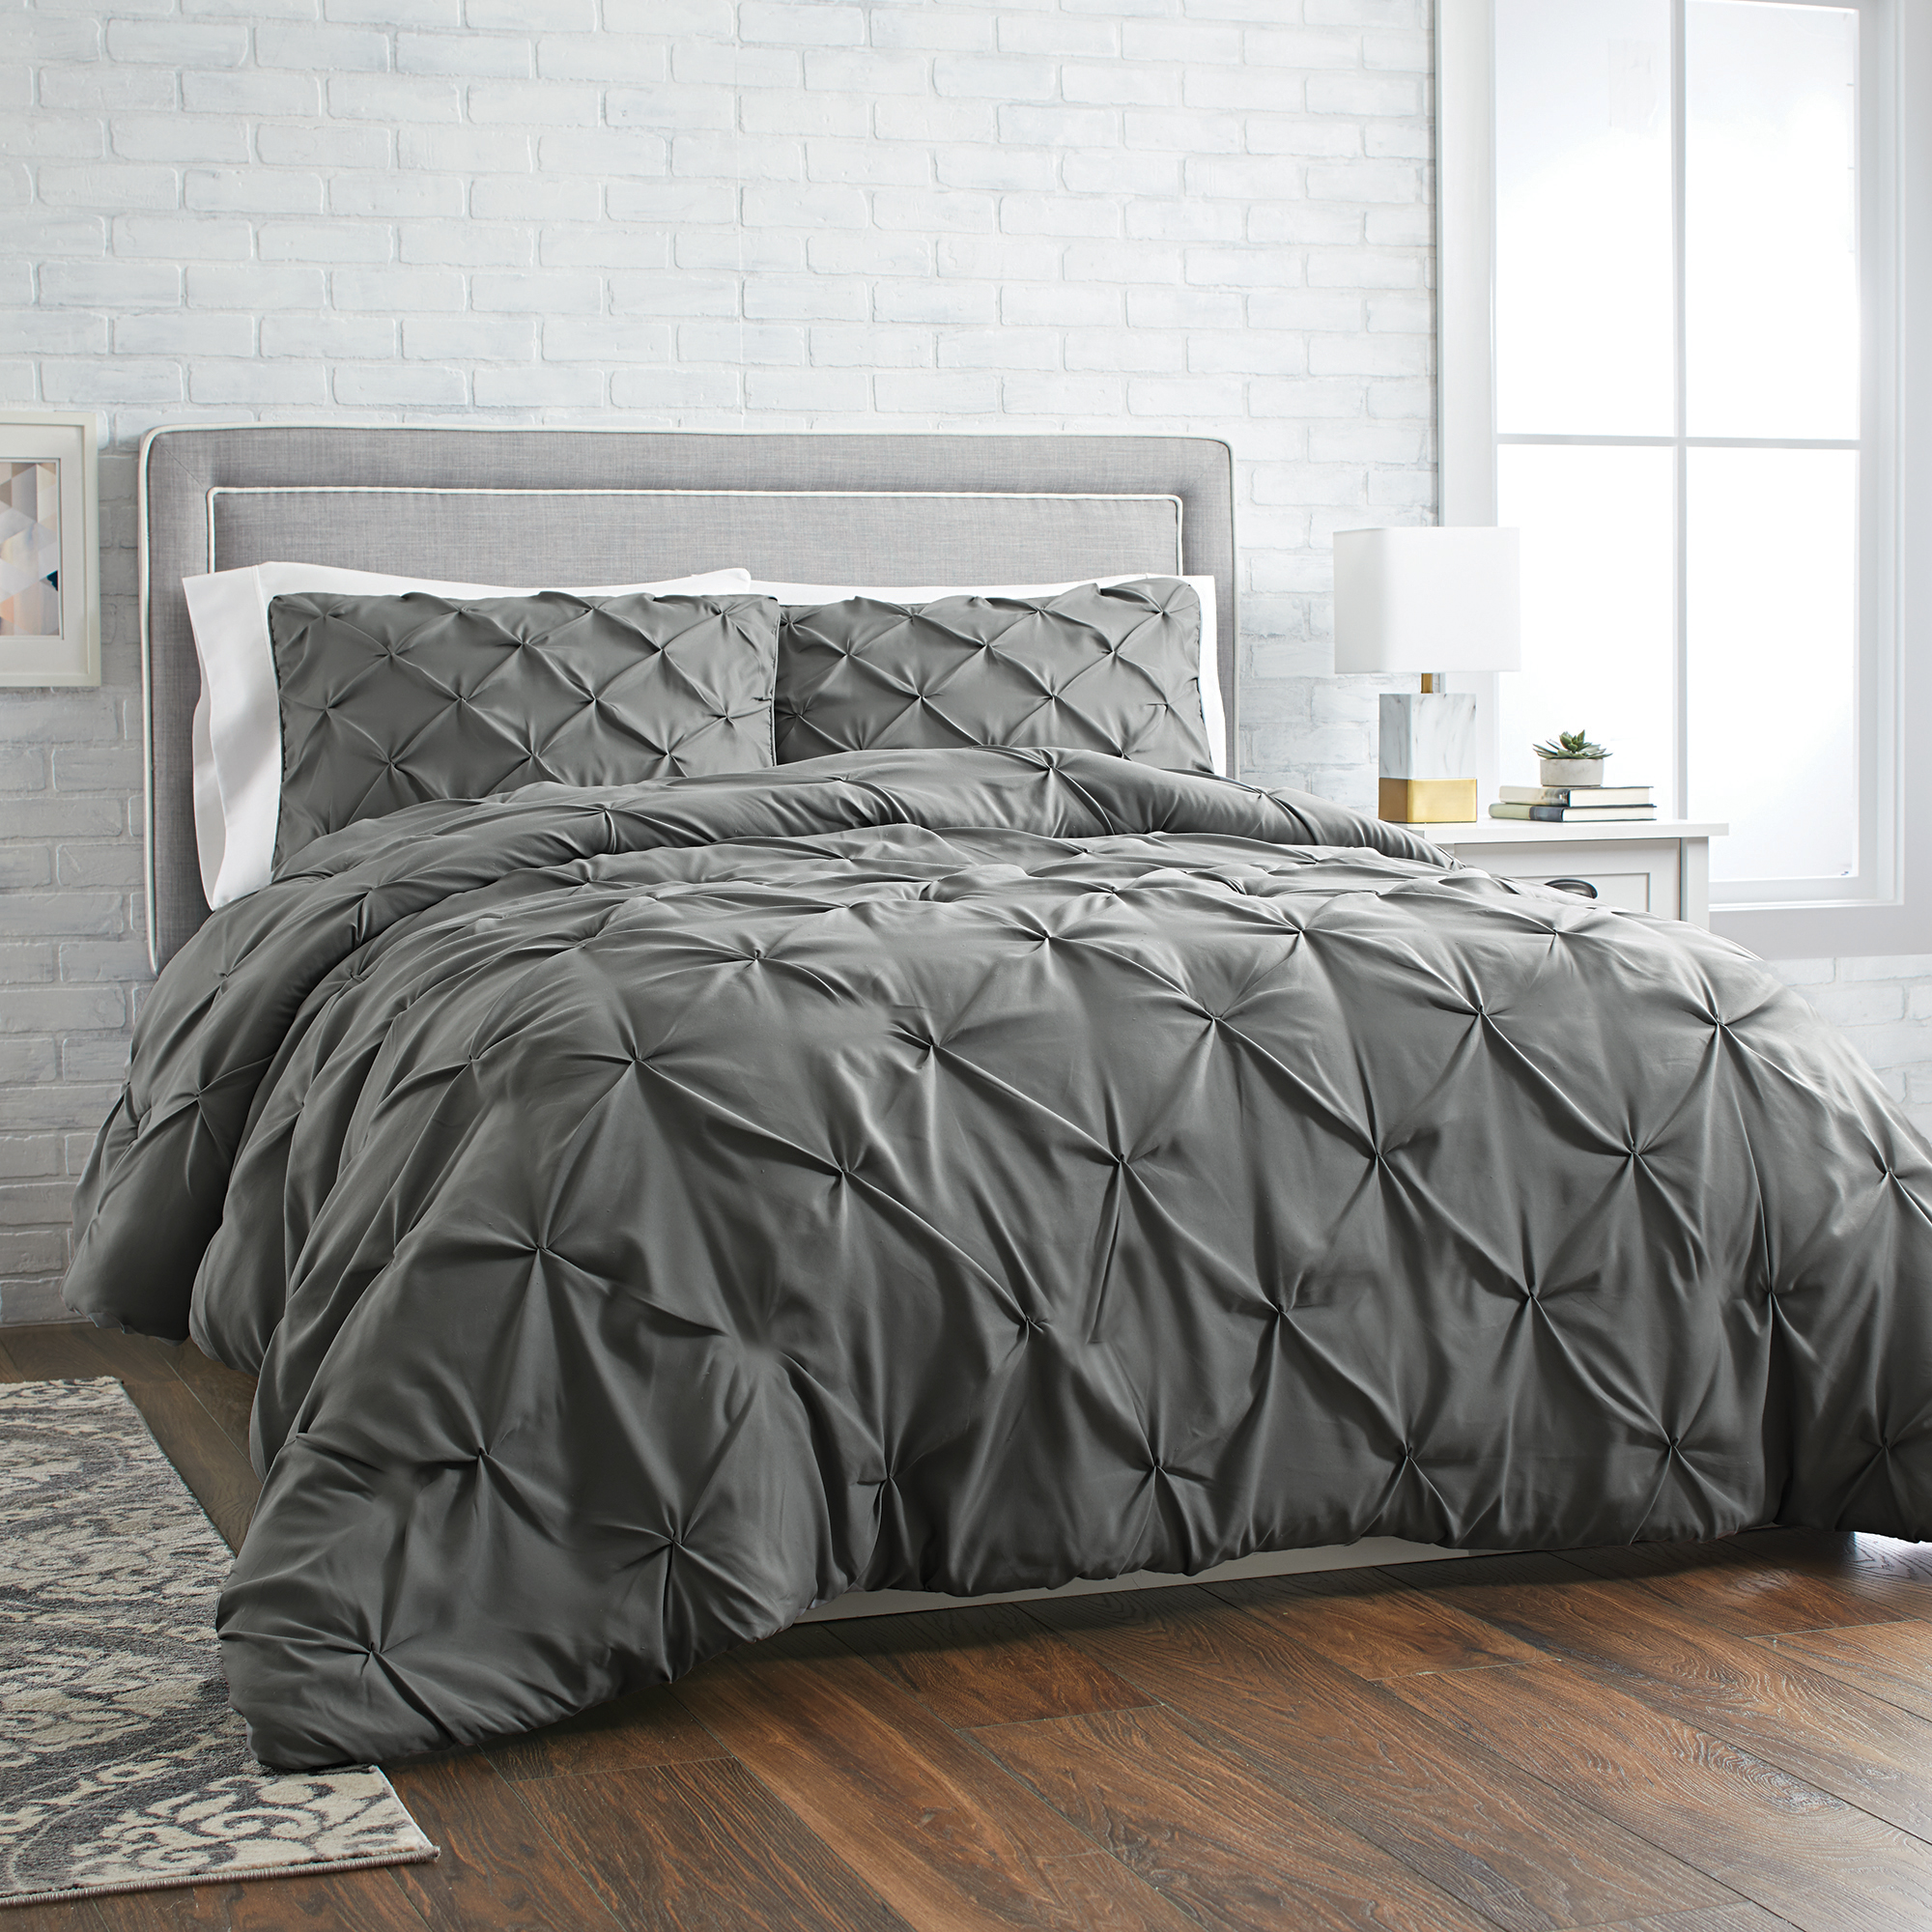 Better Homes and Gardens 3-Piece Pintuck Comforter Set